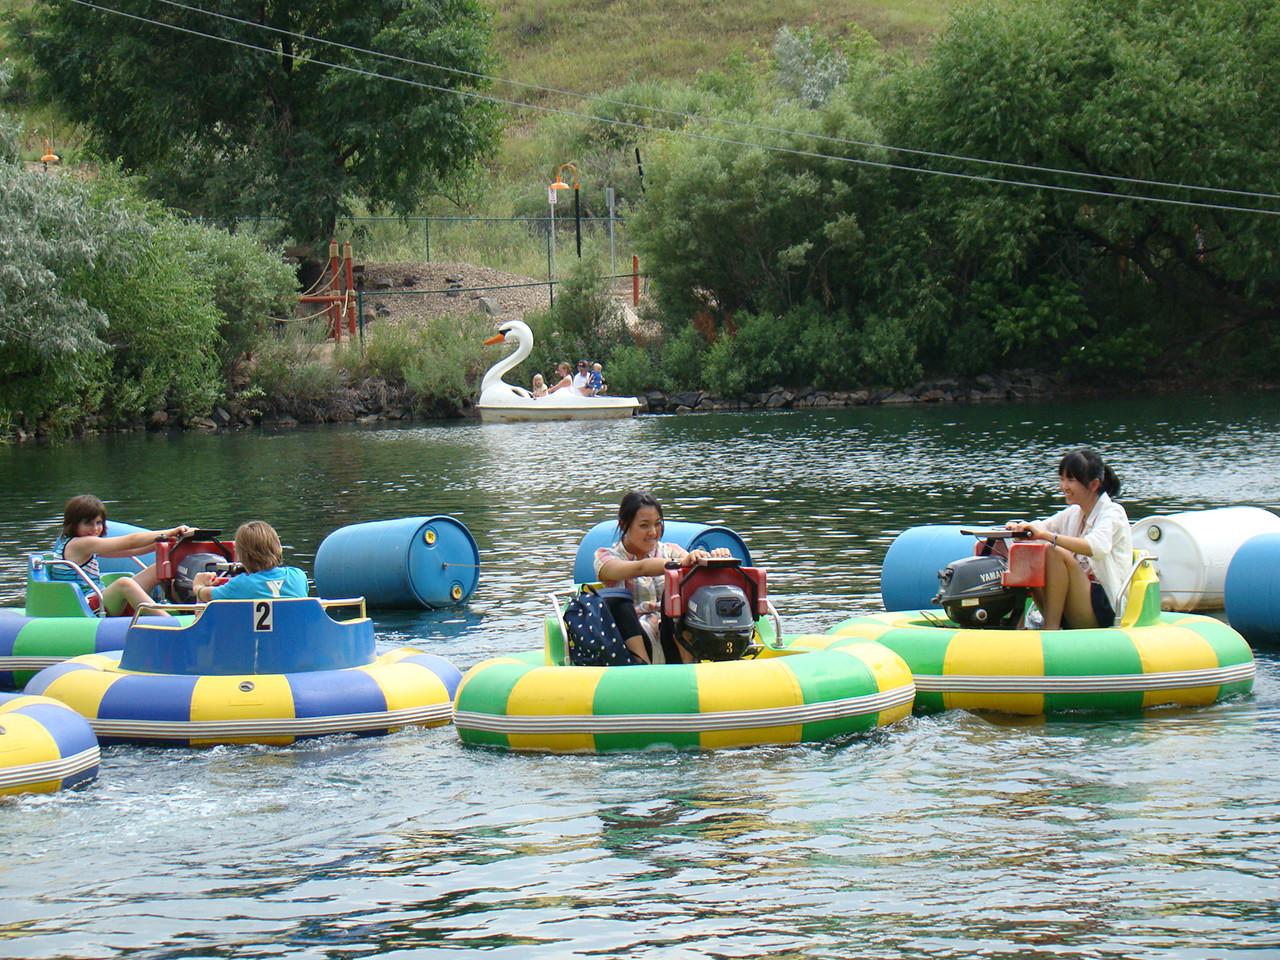 Limitation for Bumper Boats - bumper boats